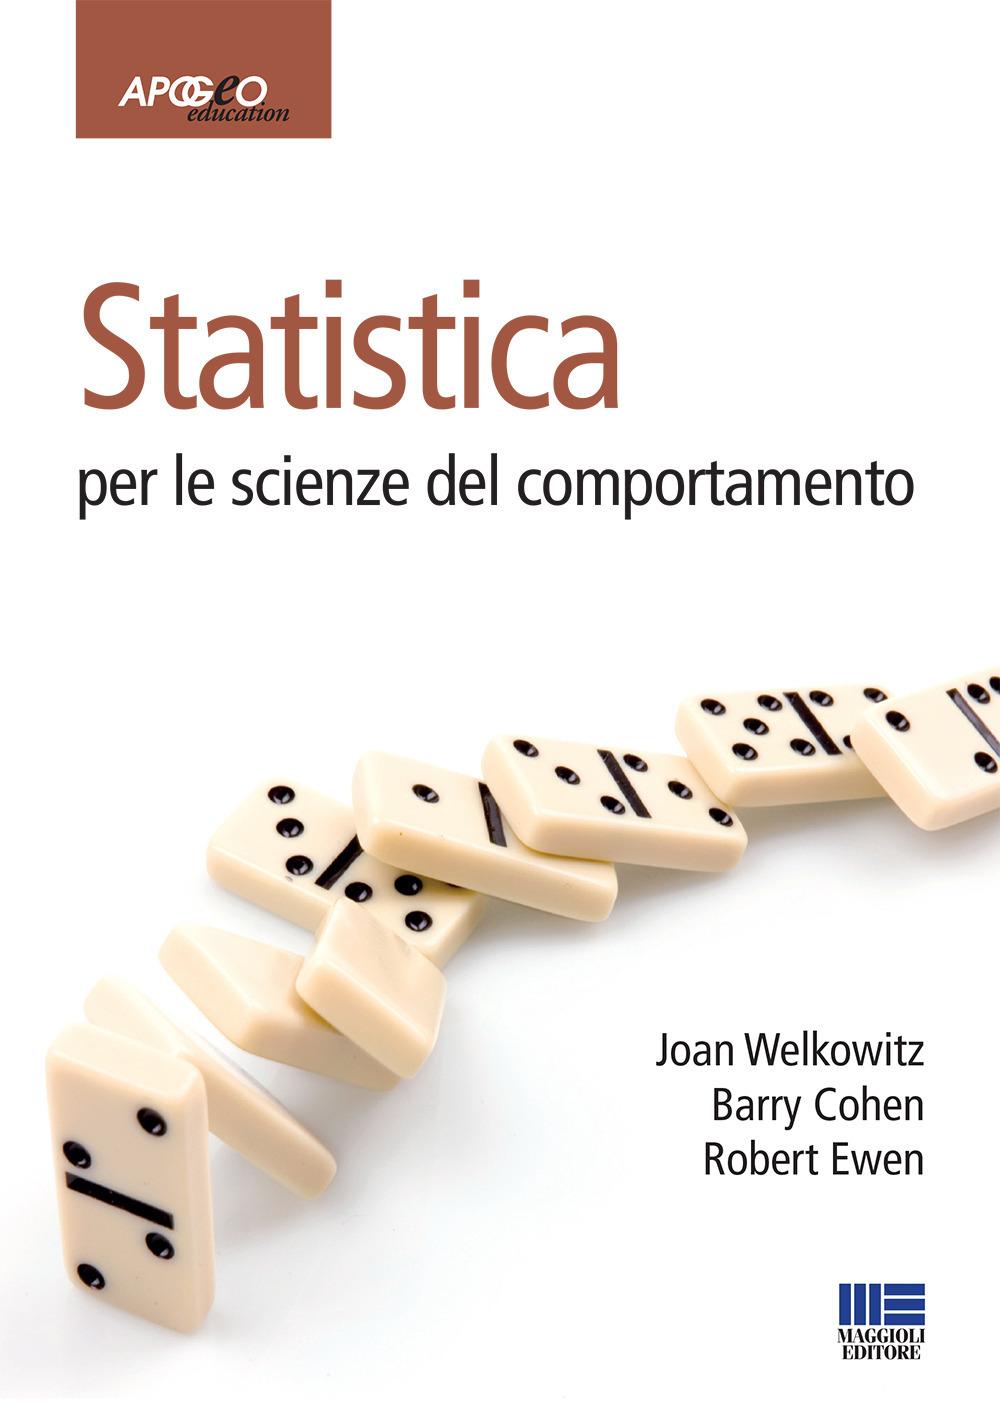 Image of Statistica per le scienze del comportamento